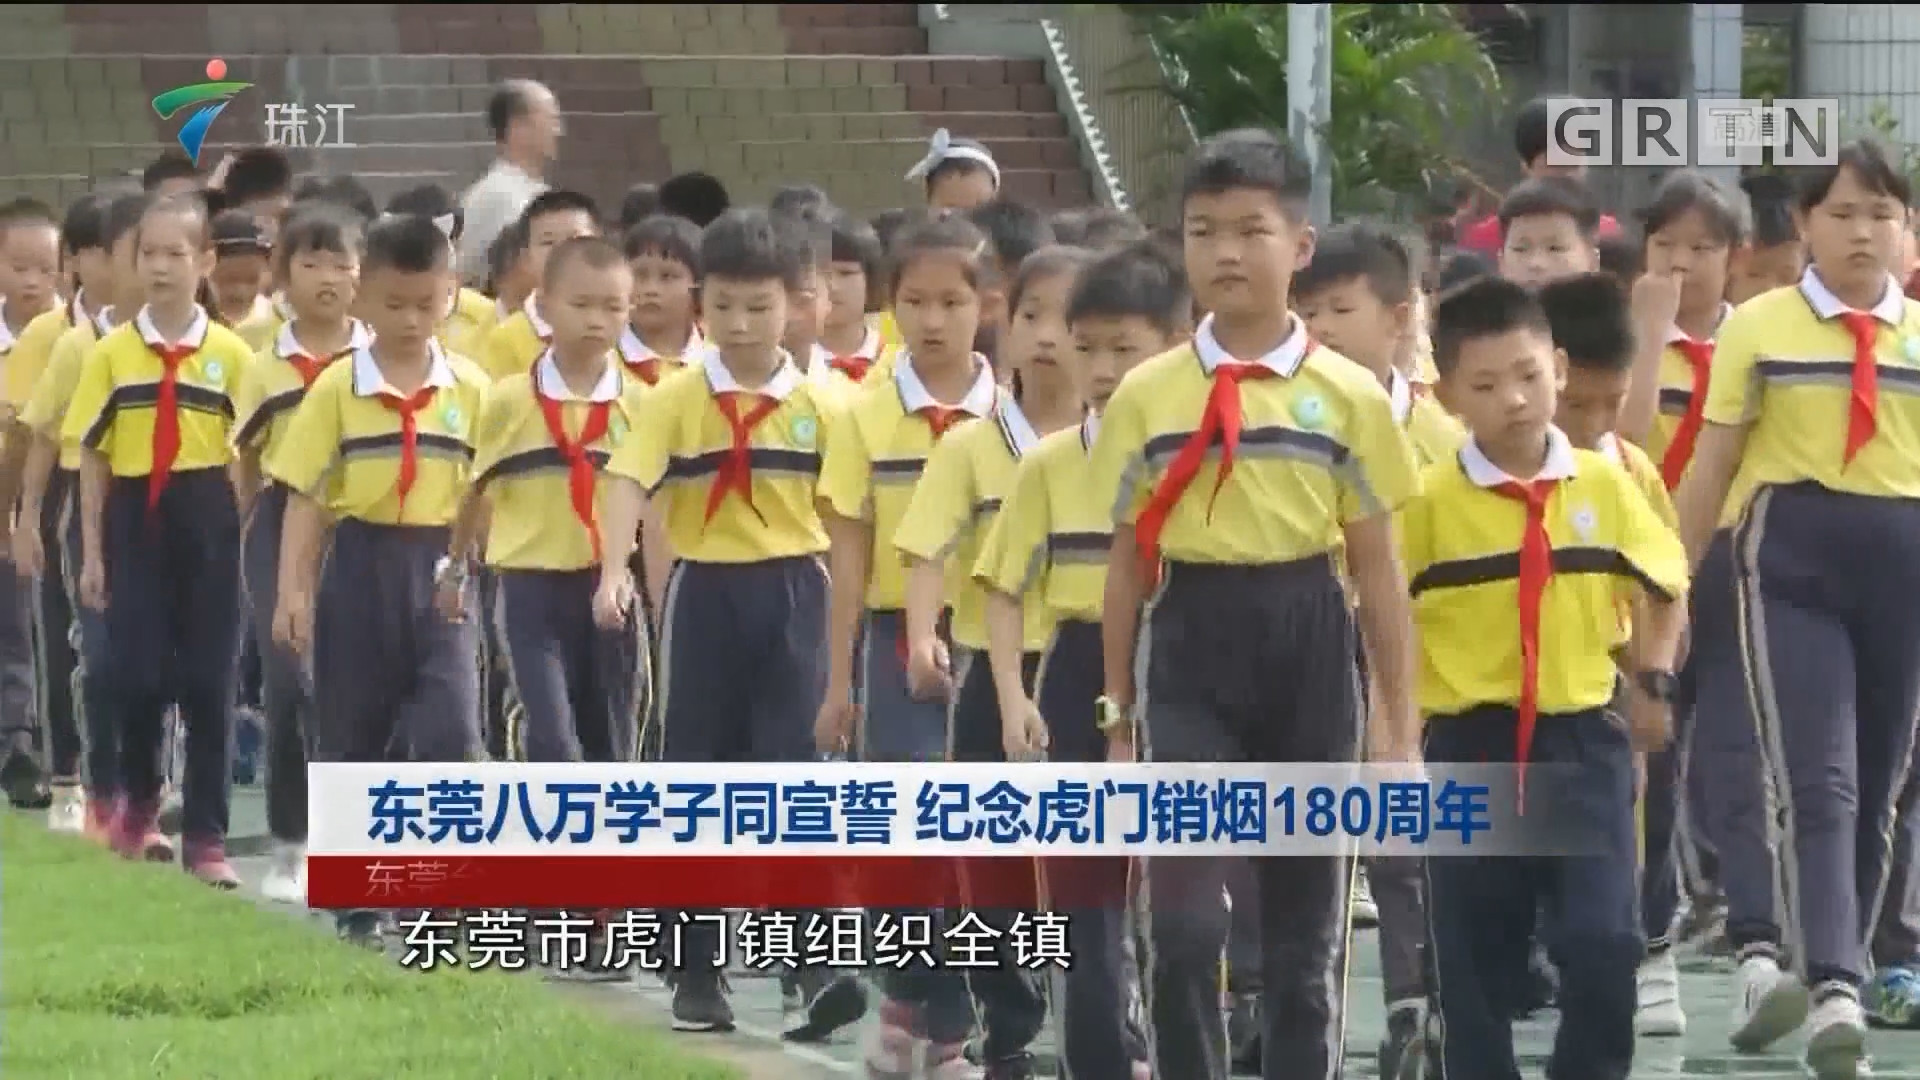 东莞八万学子同宣誓 纪念虎门销烟180周年